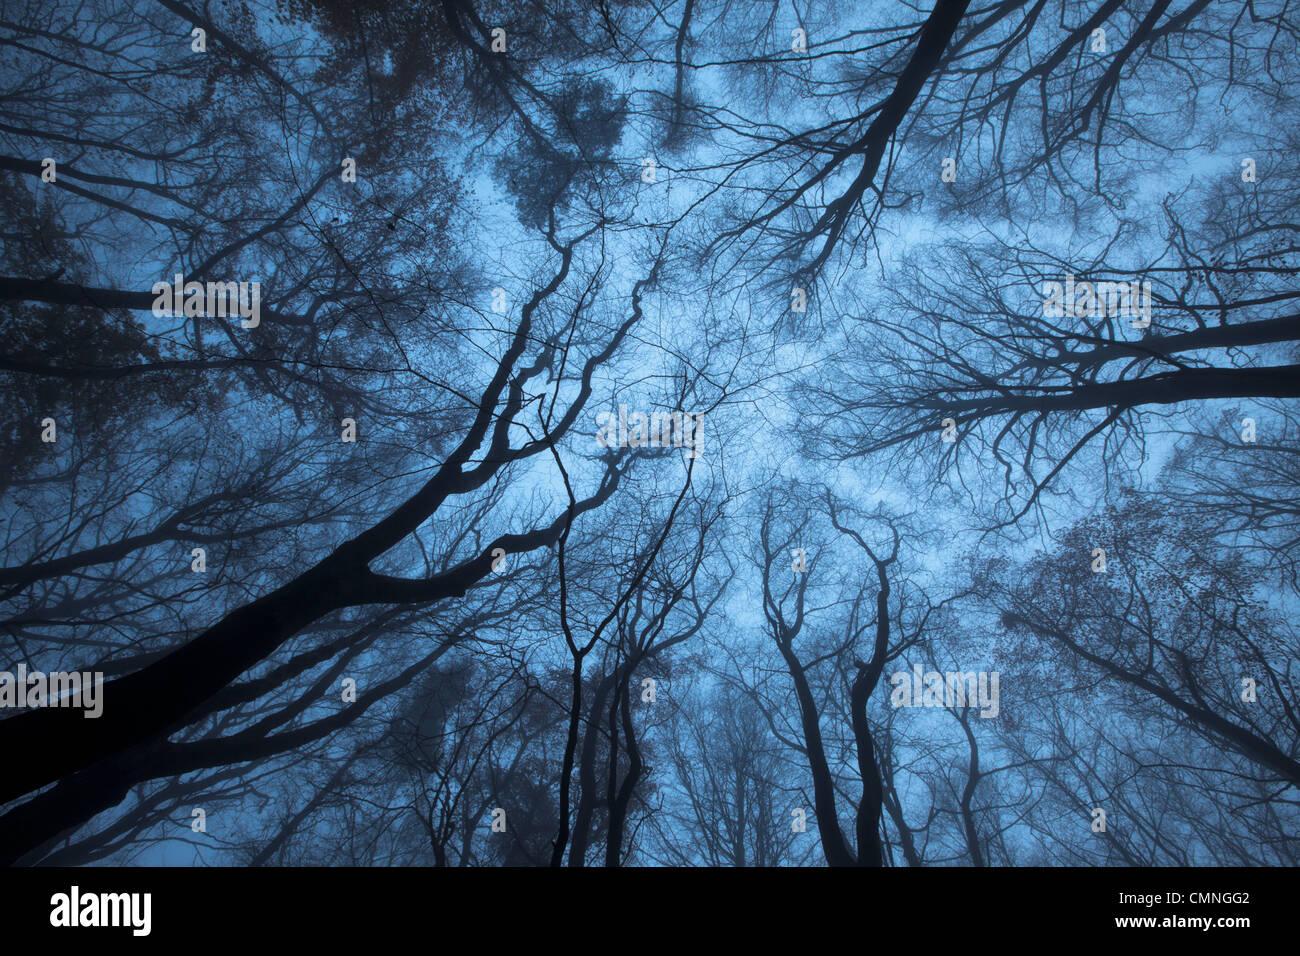 Jusqu'à l'intermédiaire d'un auvent de bois de hêtre (Fagus sylvatica) en hiver, parc Photo Stock